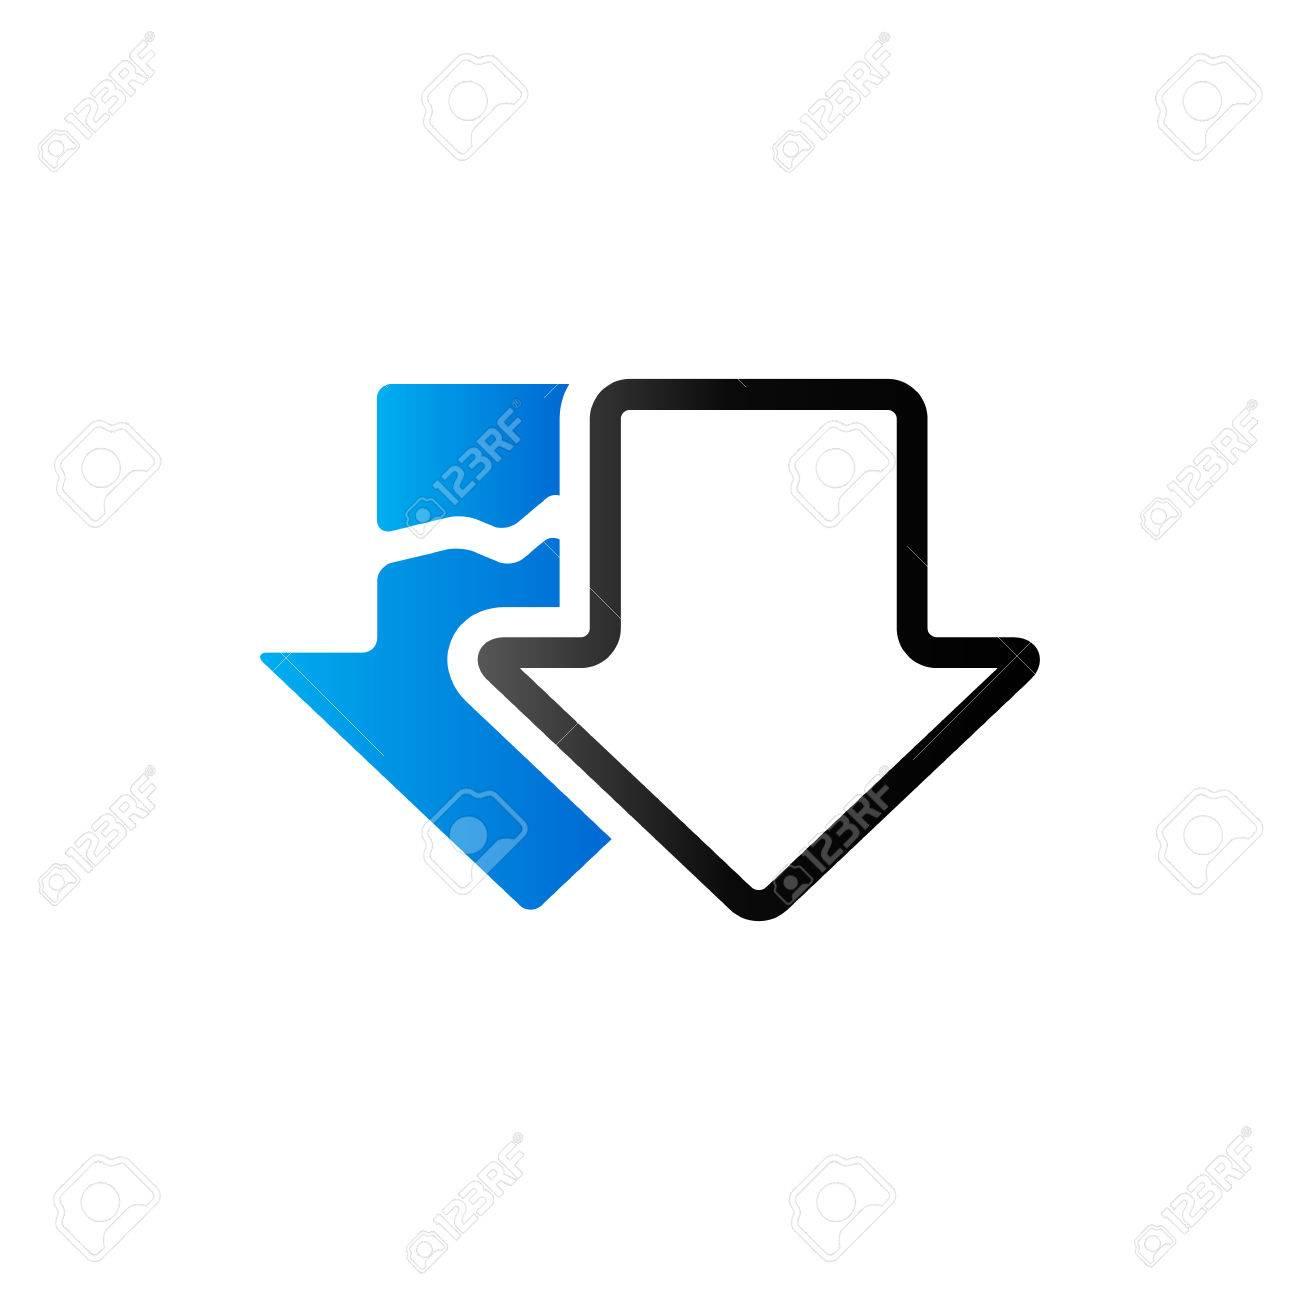 download arrow icon in duo tone color broken resume retrieve